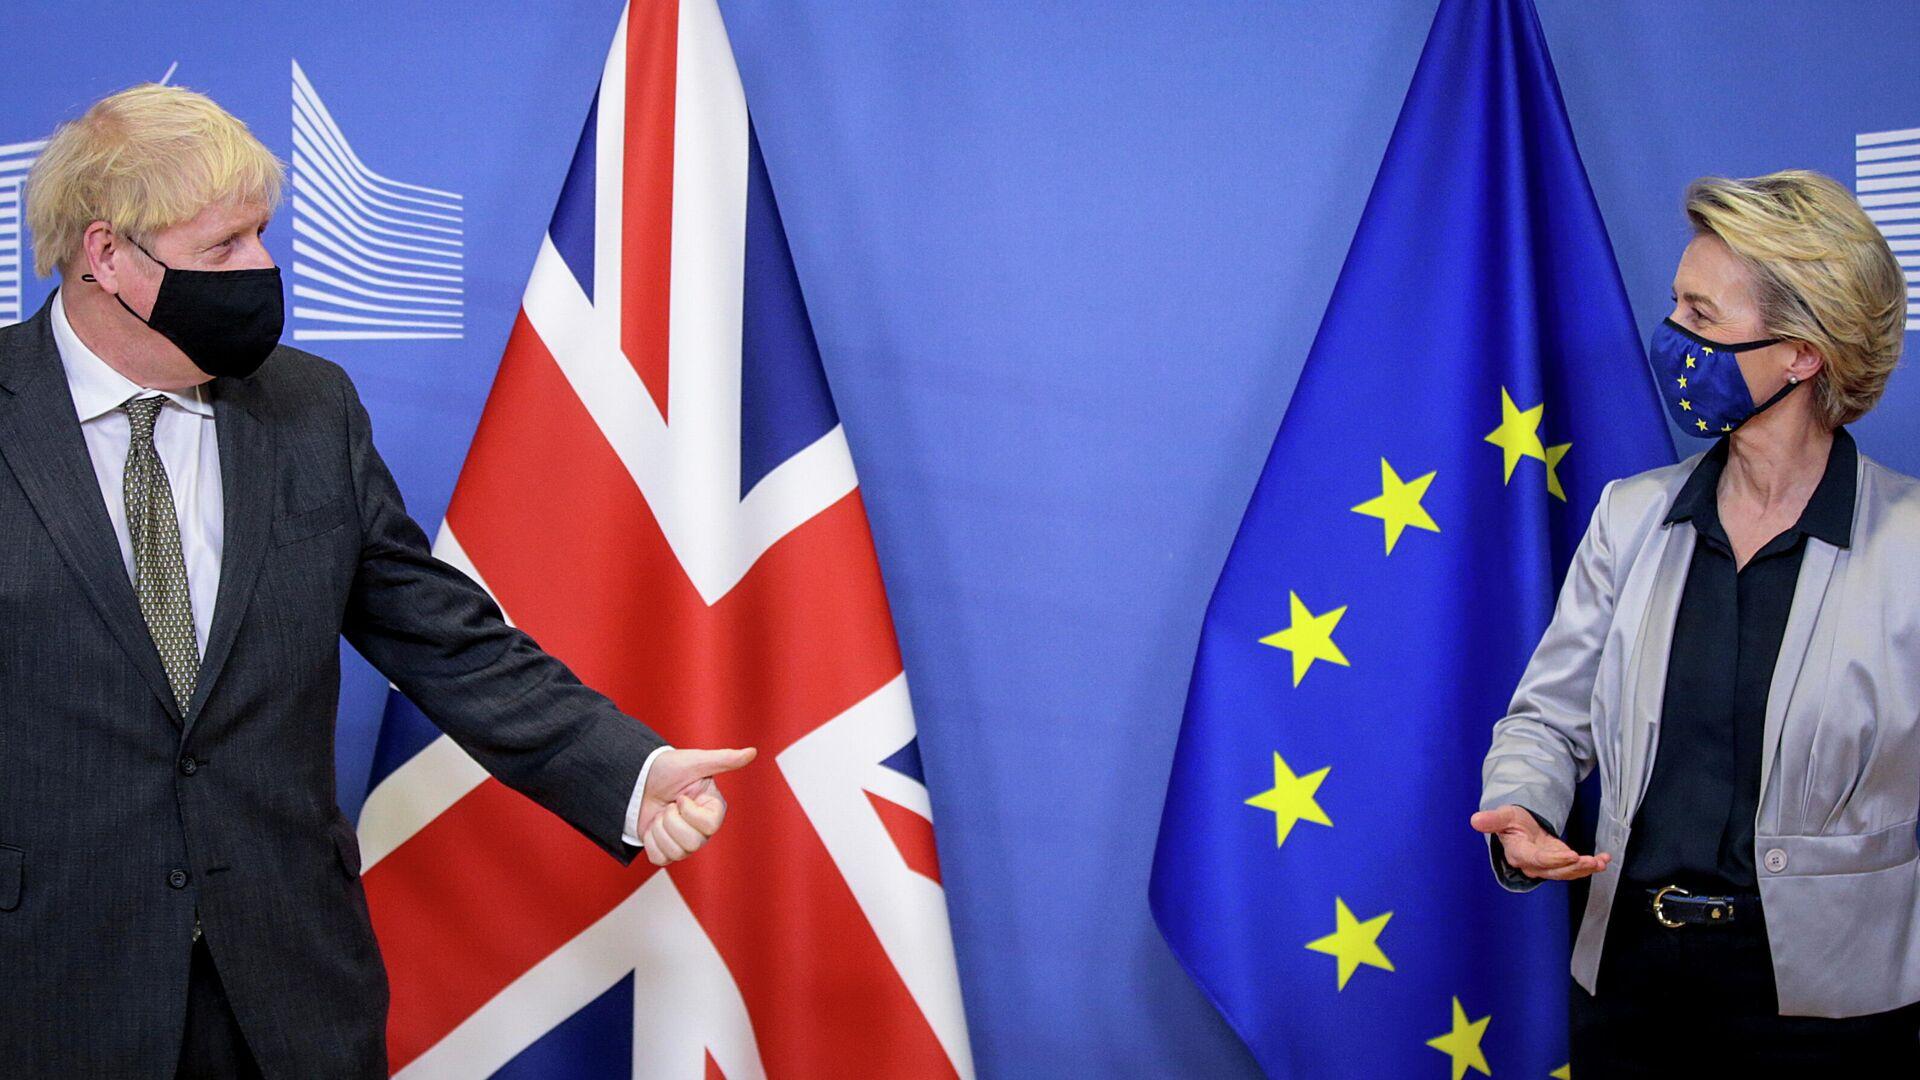 Президент Европейской комиссии Урсула фон дер Ляйен и премьер-министра Великобритании Борис Джонсон во время встречи в Брюсселе. 9 декабря 2020 - РИА Новости, 1920, 03.01.2021